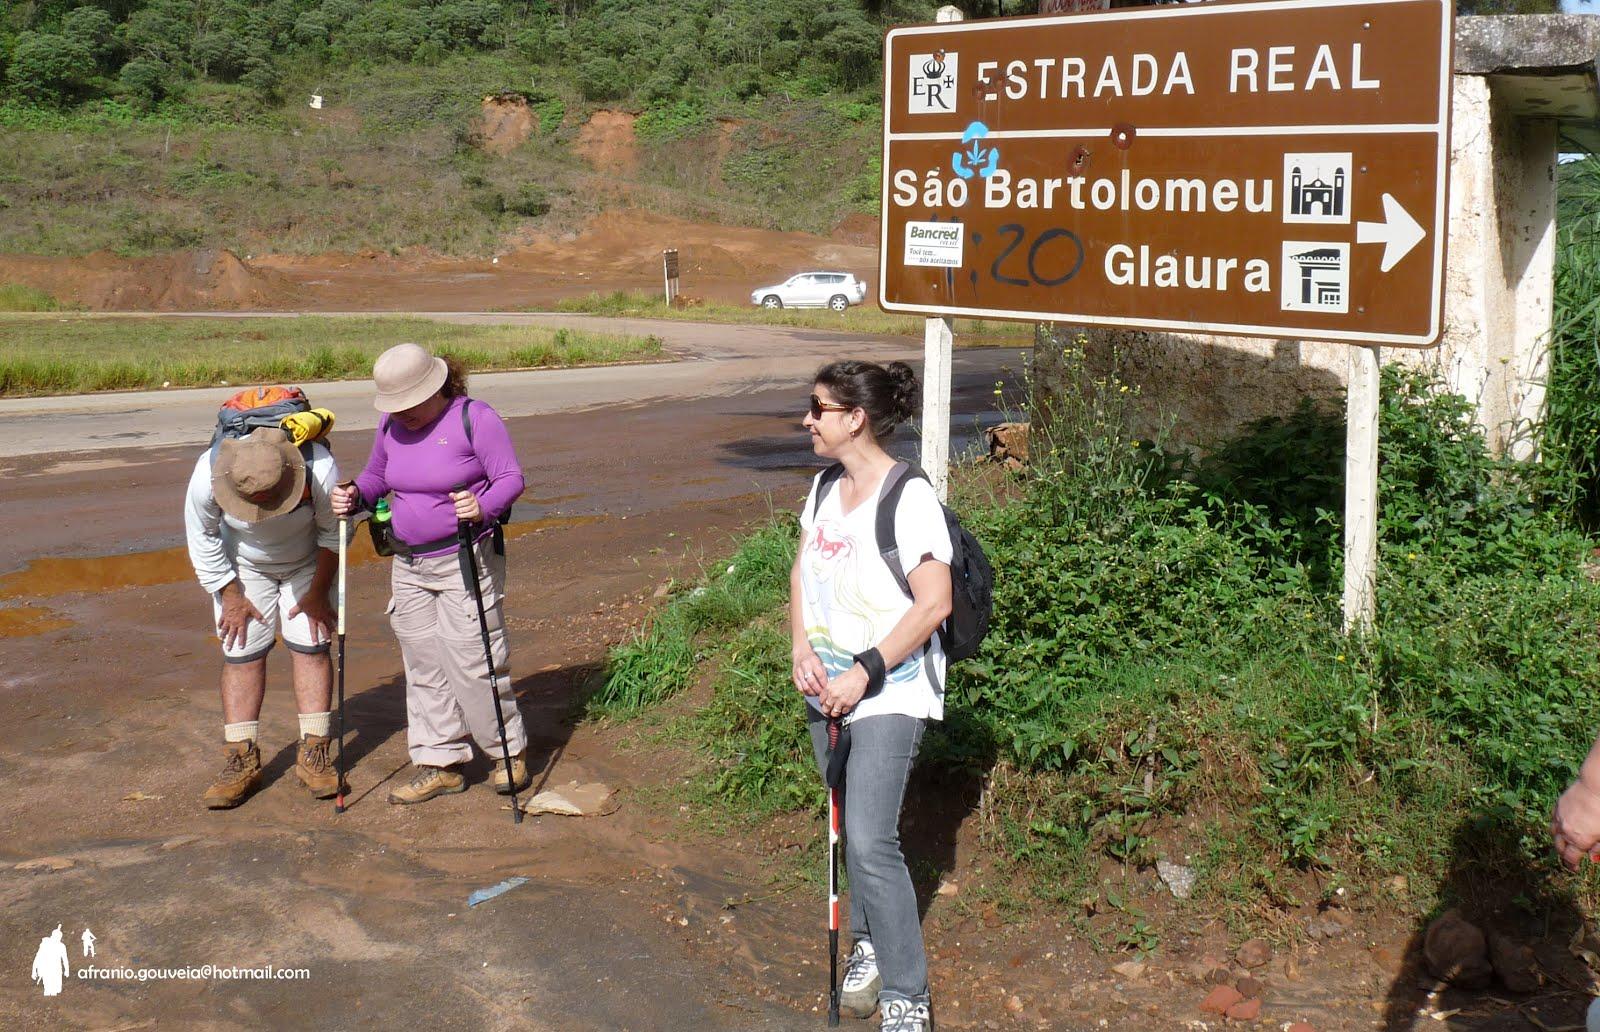 Ouro Preto - S.Bartolomeu